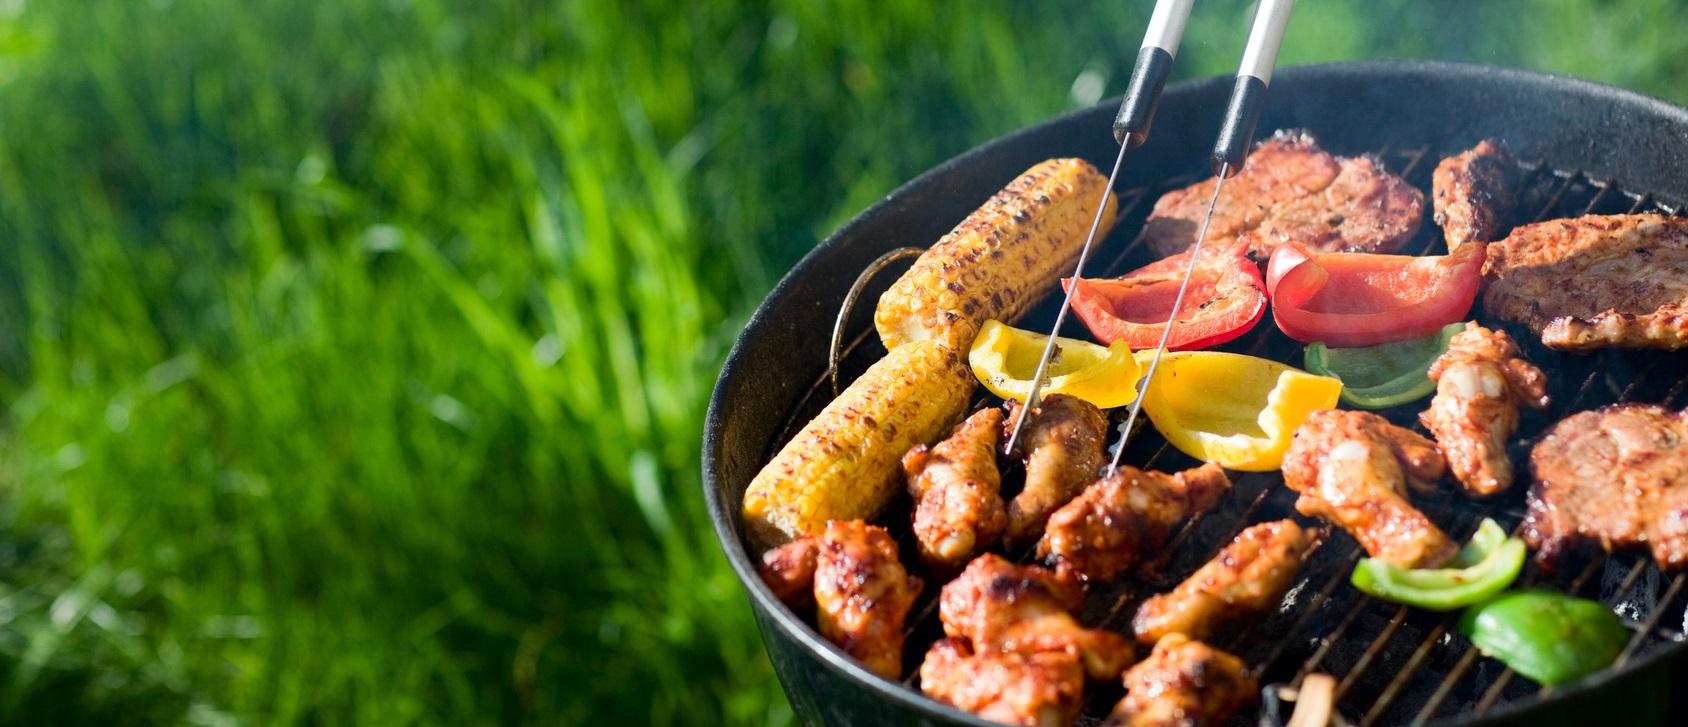 Garden_Ripanti_Ancona_barbecue